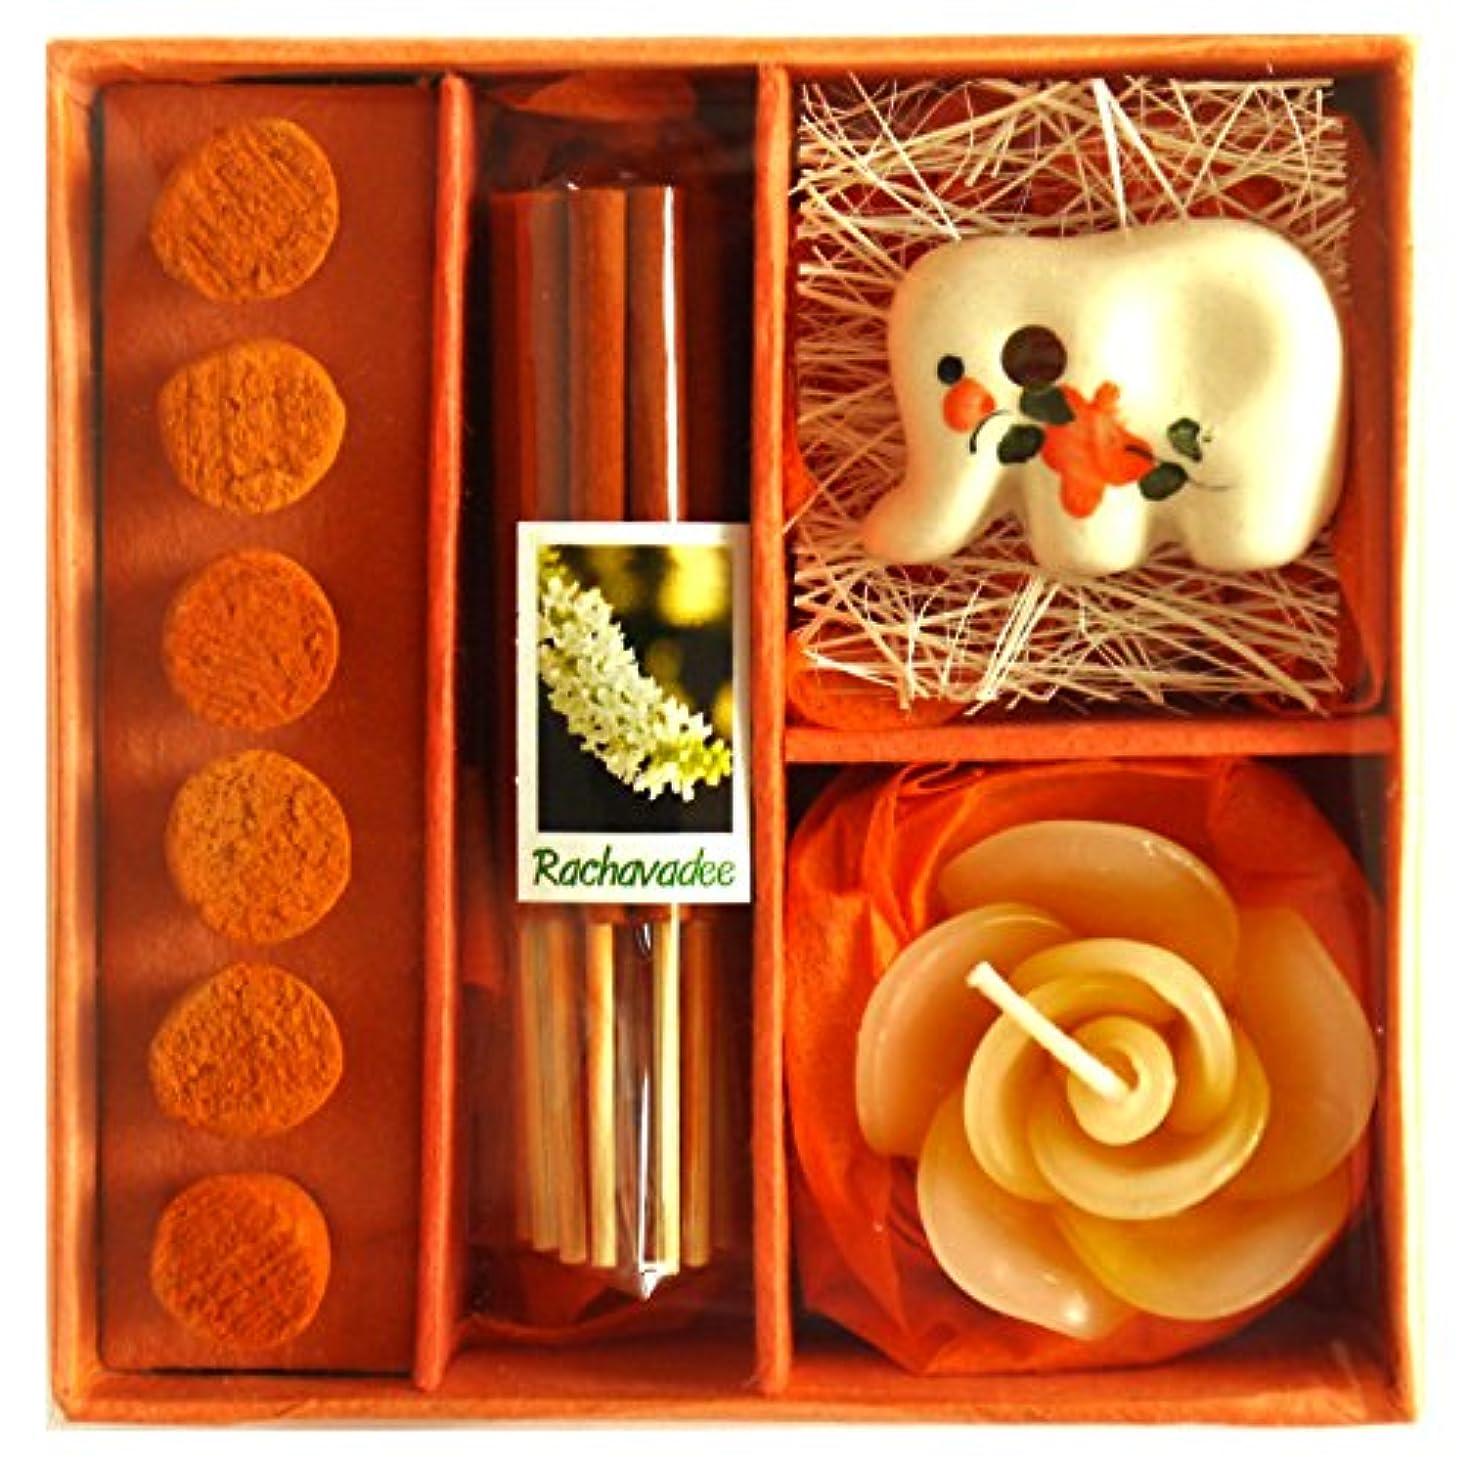 カスタム意気込みジャンクアロマギフトBOX 退職ギフト 色おまかせ 香りつきアロマキャンドル 2種類のお香 陶器製お香立ての入ったギフトセット サンキューシール付き